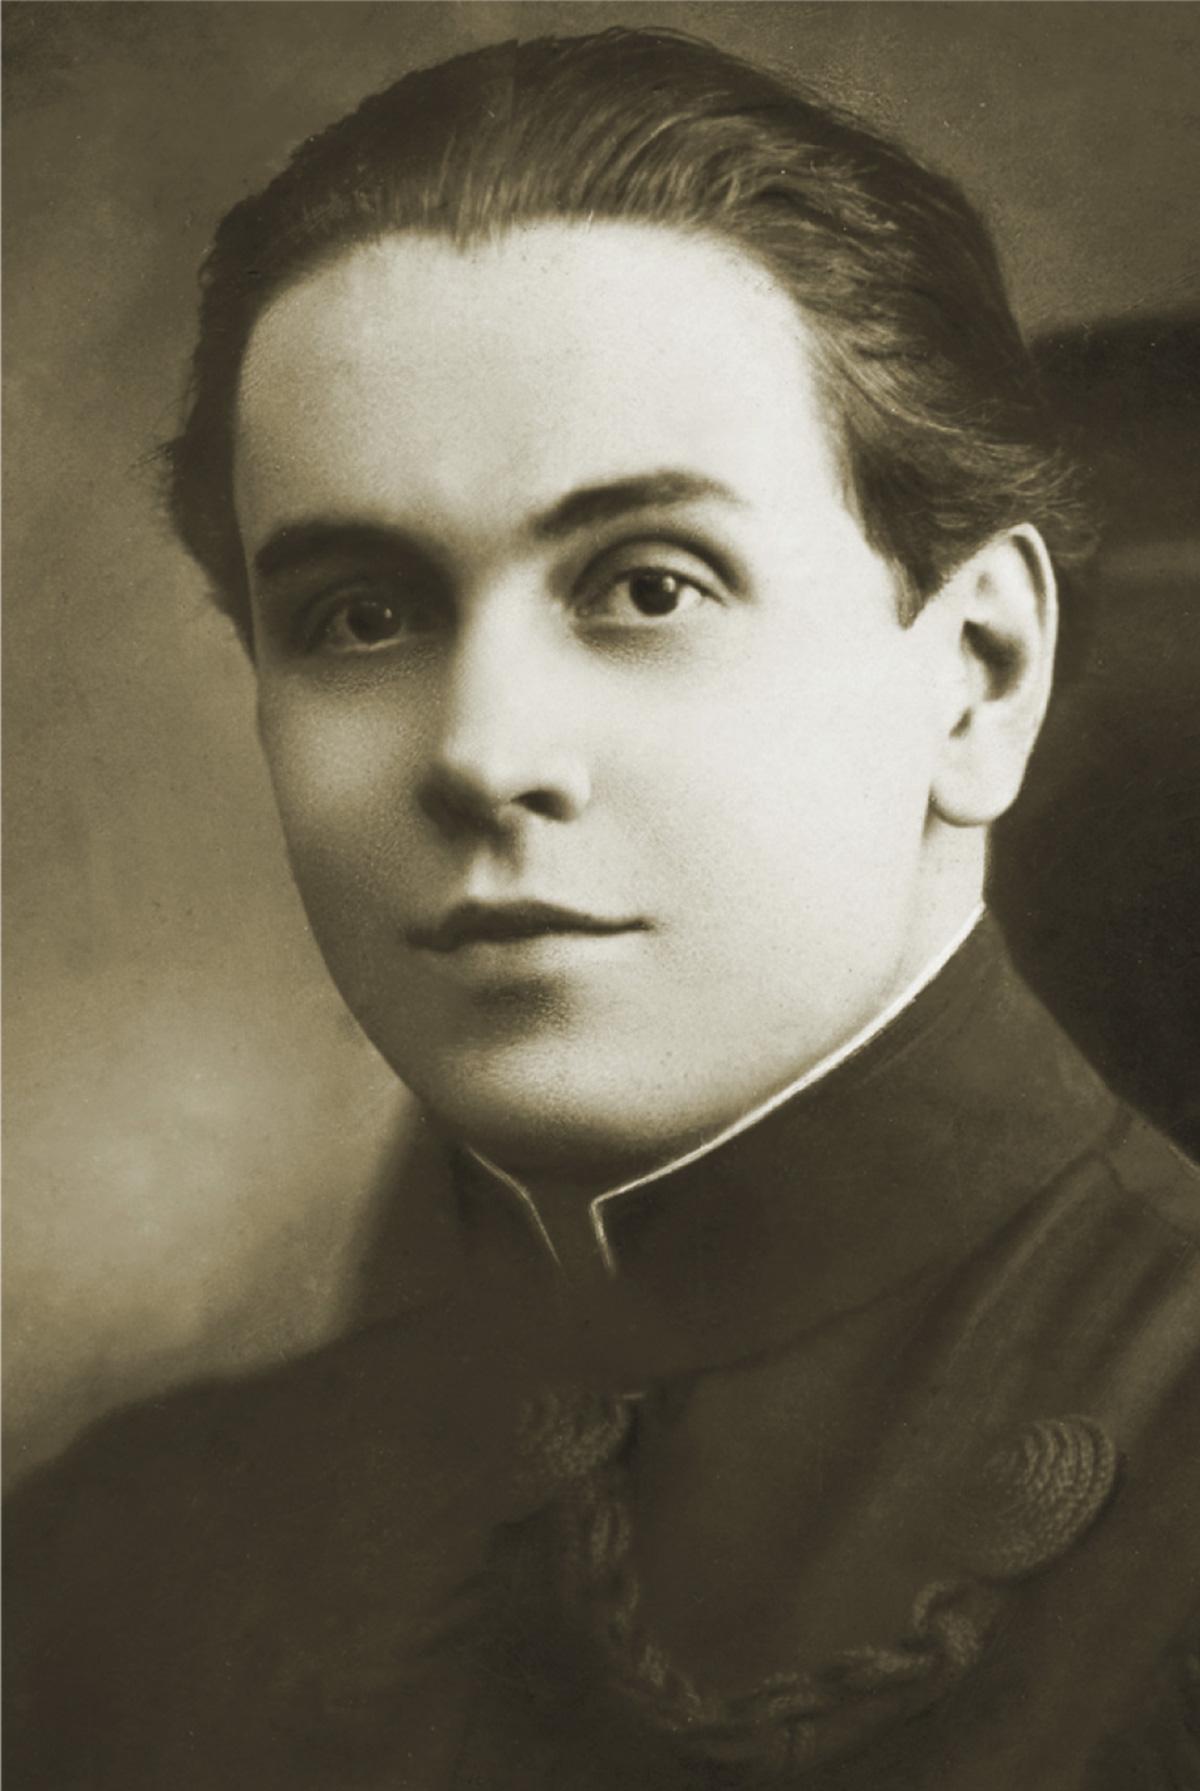 Carlos Sussekind de Mendonça